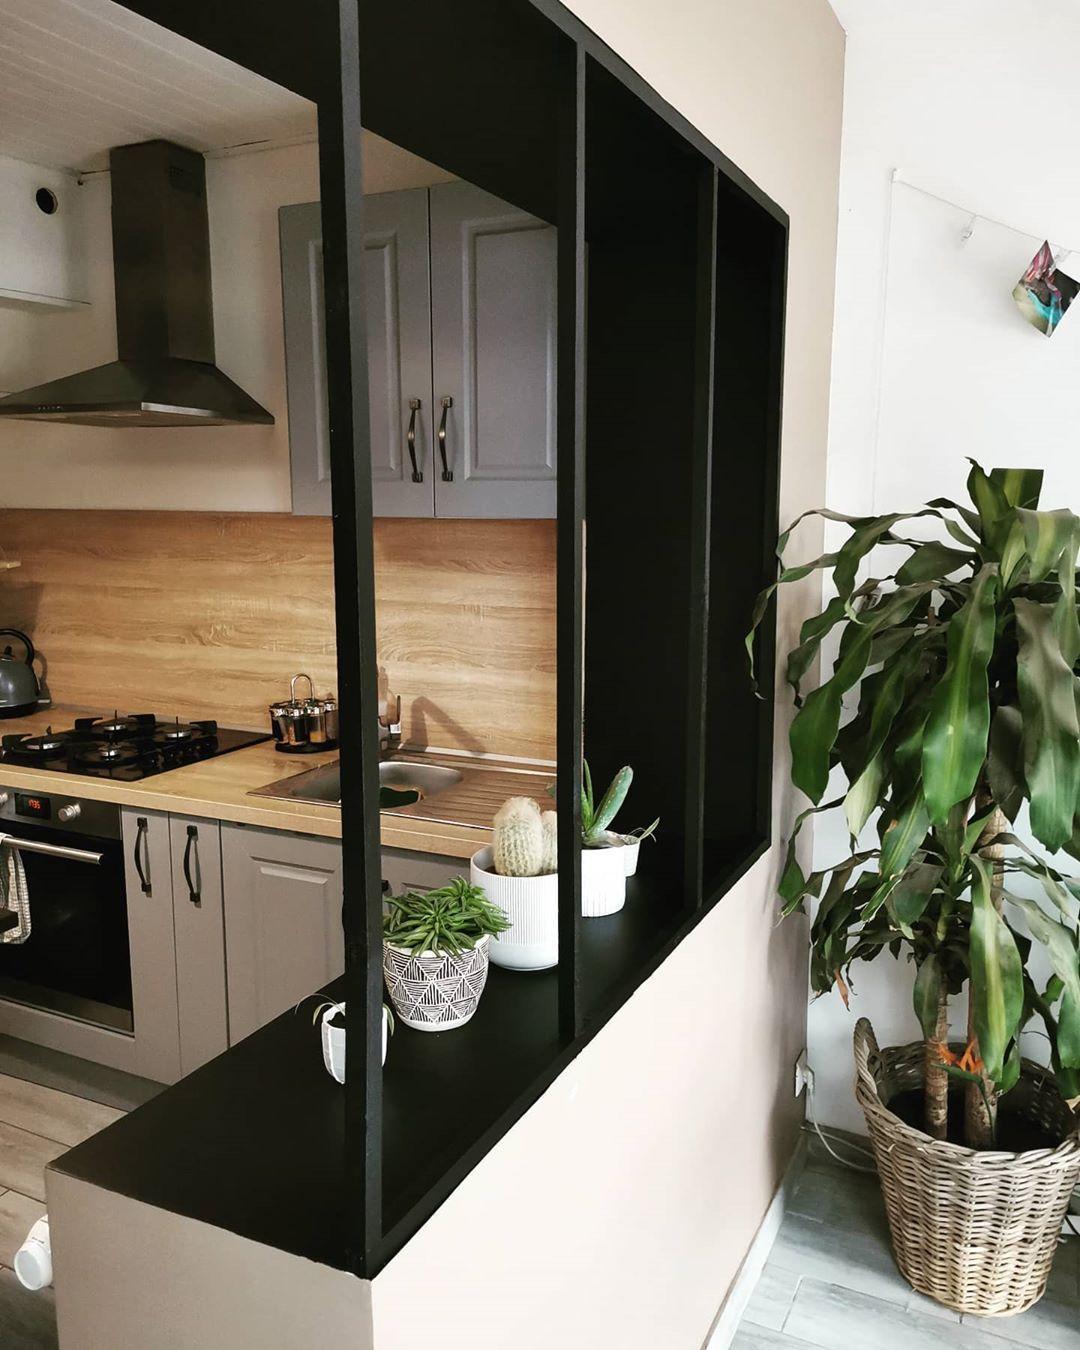 """☘️🌿 Justine 🌿☘️ on Instagram: """". . Un peu de changement par ici... 🌵🌱🌿 . . .  #deco #decoration #passiondeco #cuisine #verriere #faitmaison #house #plante #plantes…"""""""